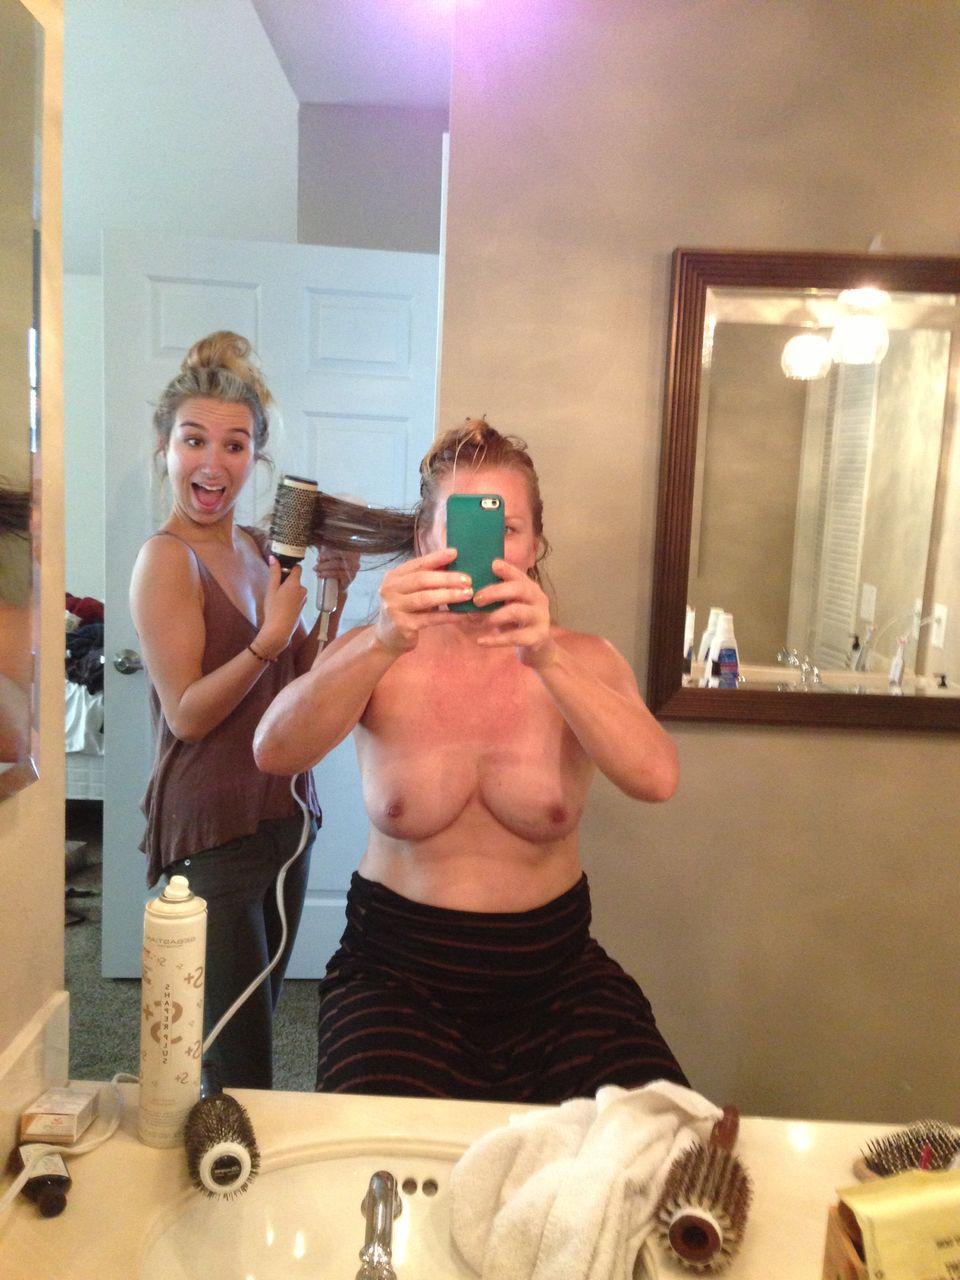 Jenny mccarthy leaked naked photos